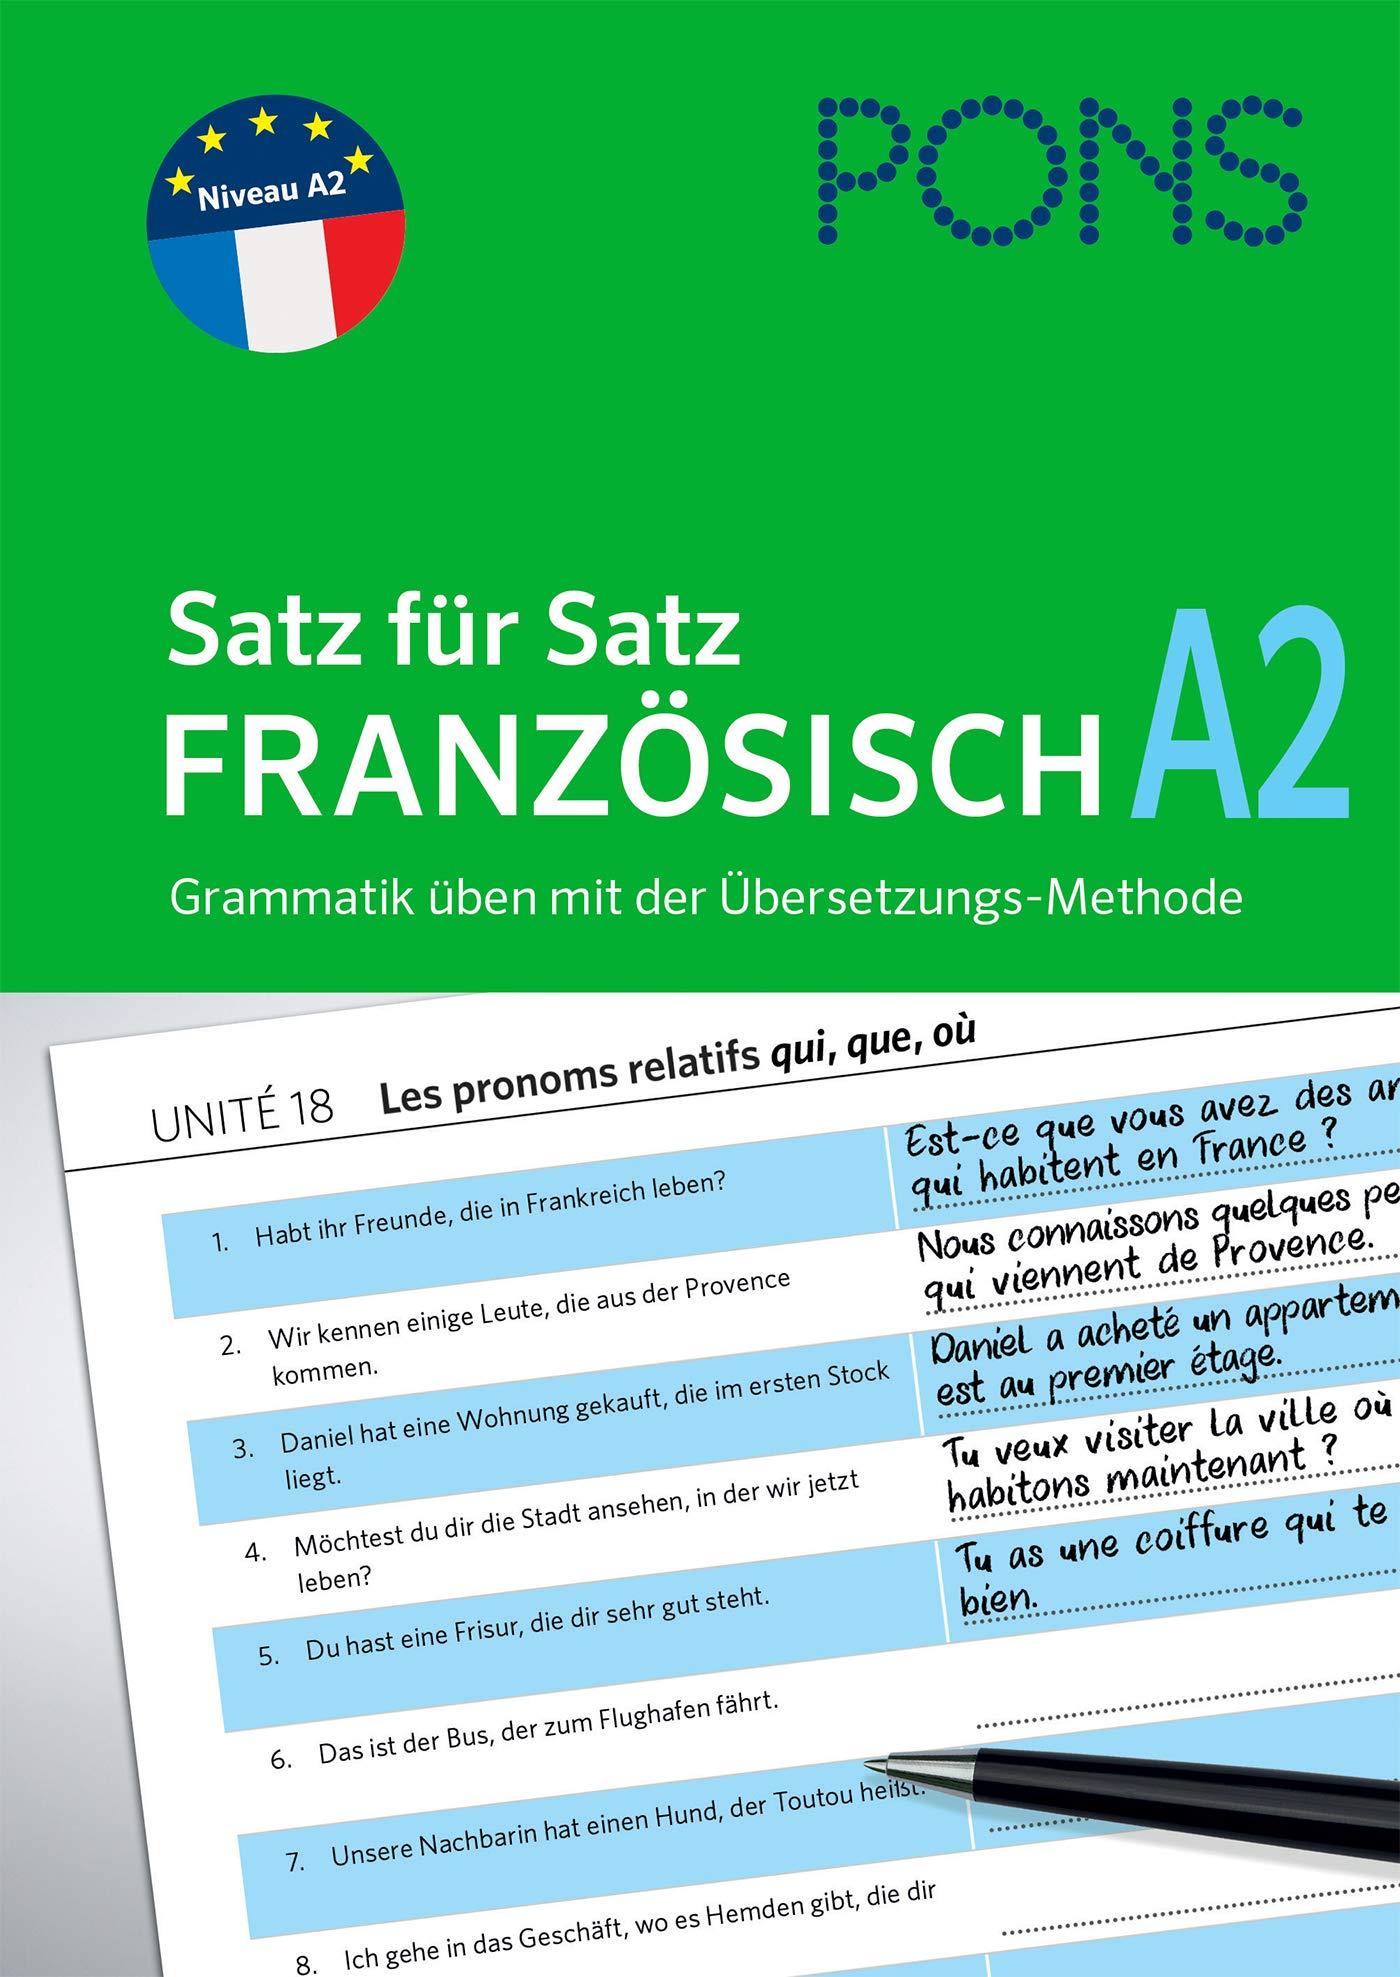 PONS Satz Für Satz Französisch A2  Grammatik üben Mit Der Übersetzungs Methode  PONS Satz Für Satz   Übungsgrammatik